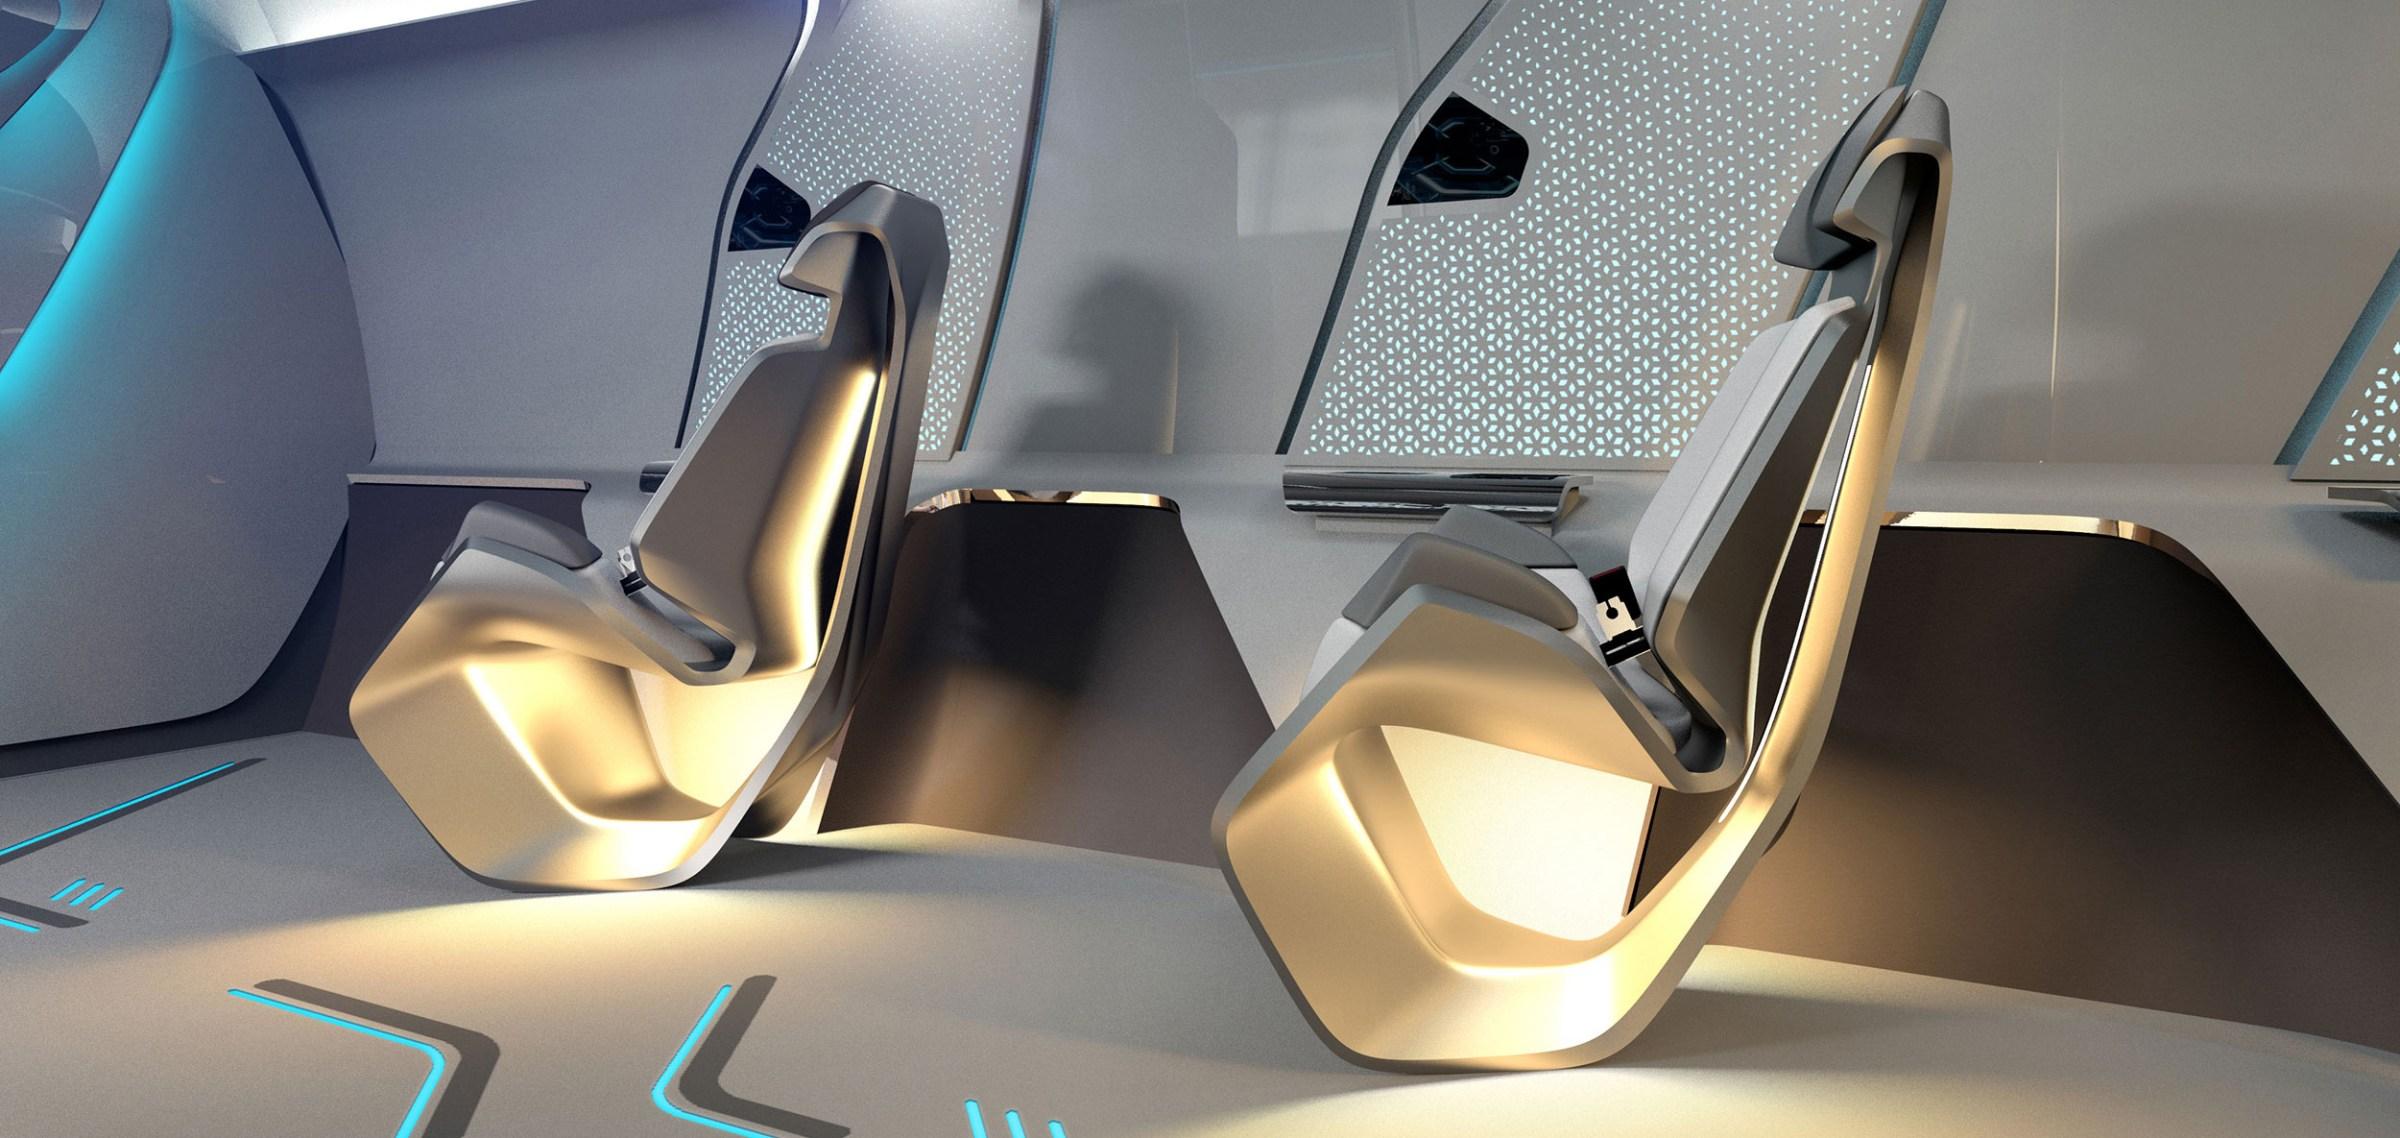 hyperloop one capsule seats